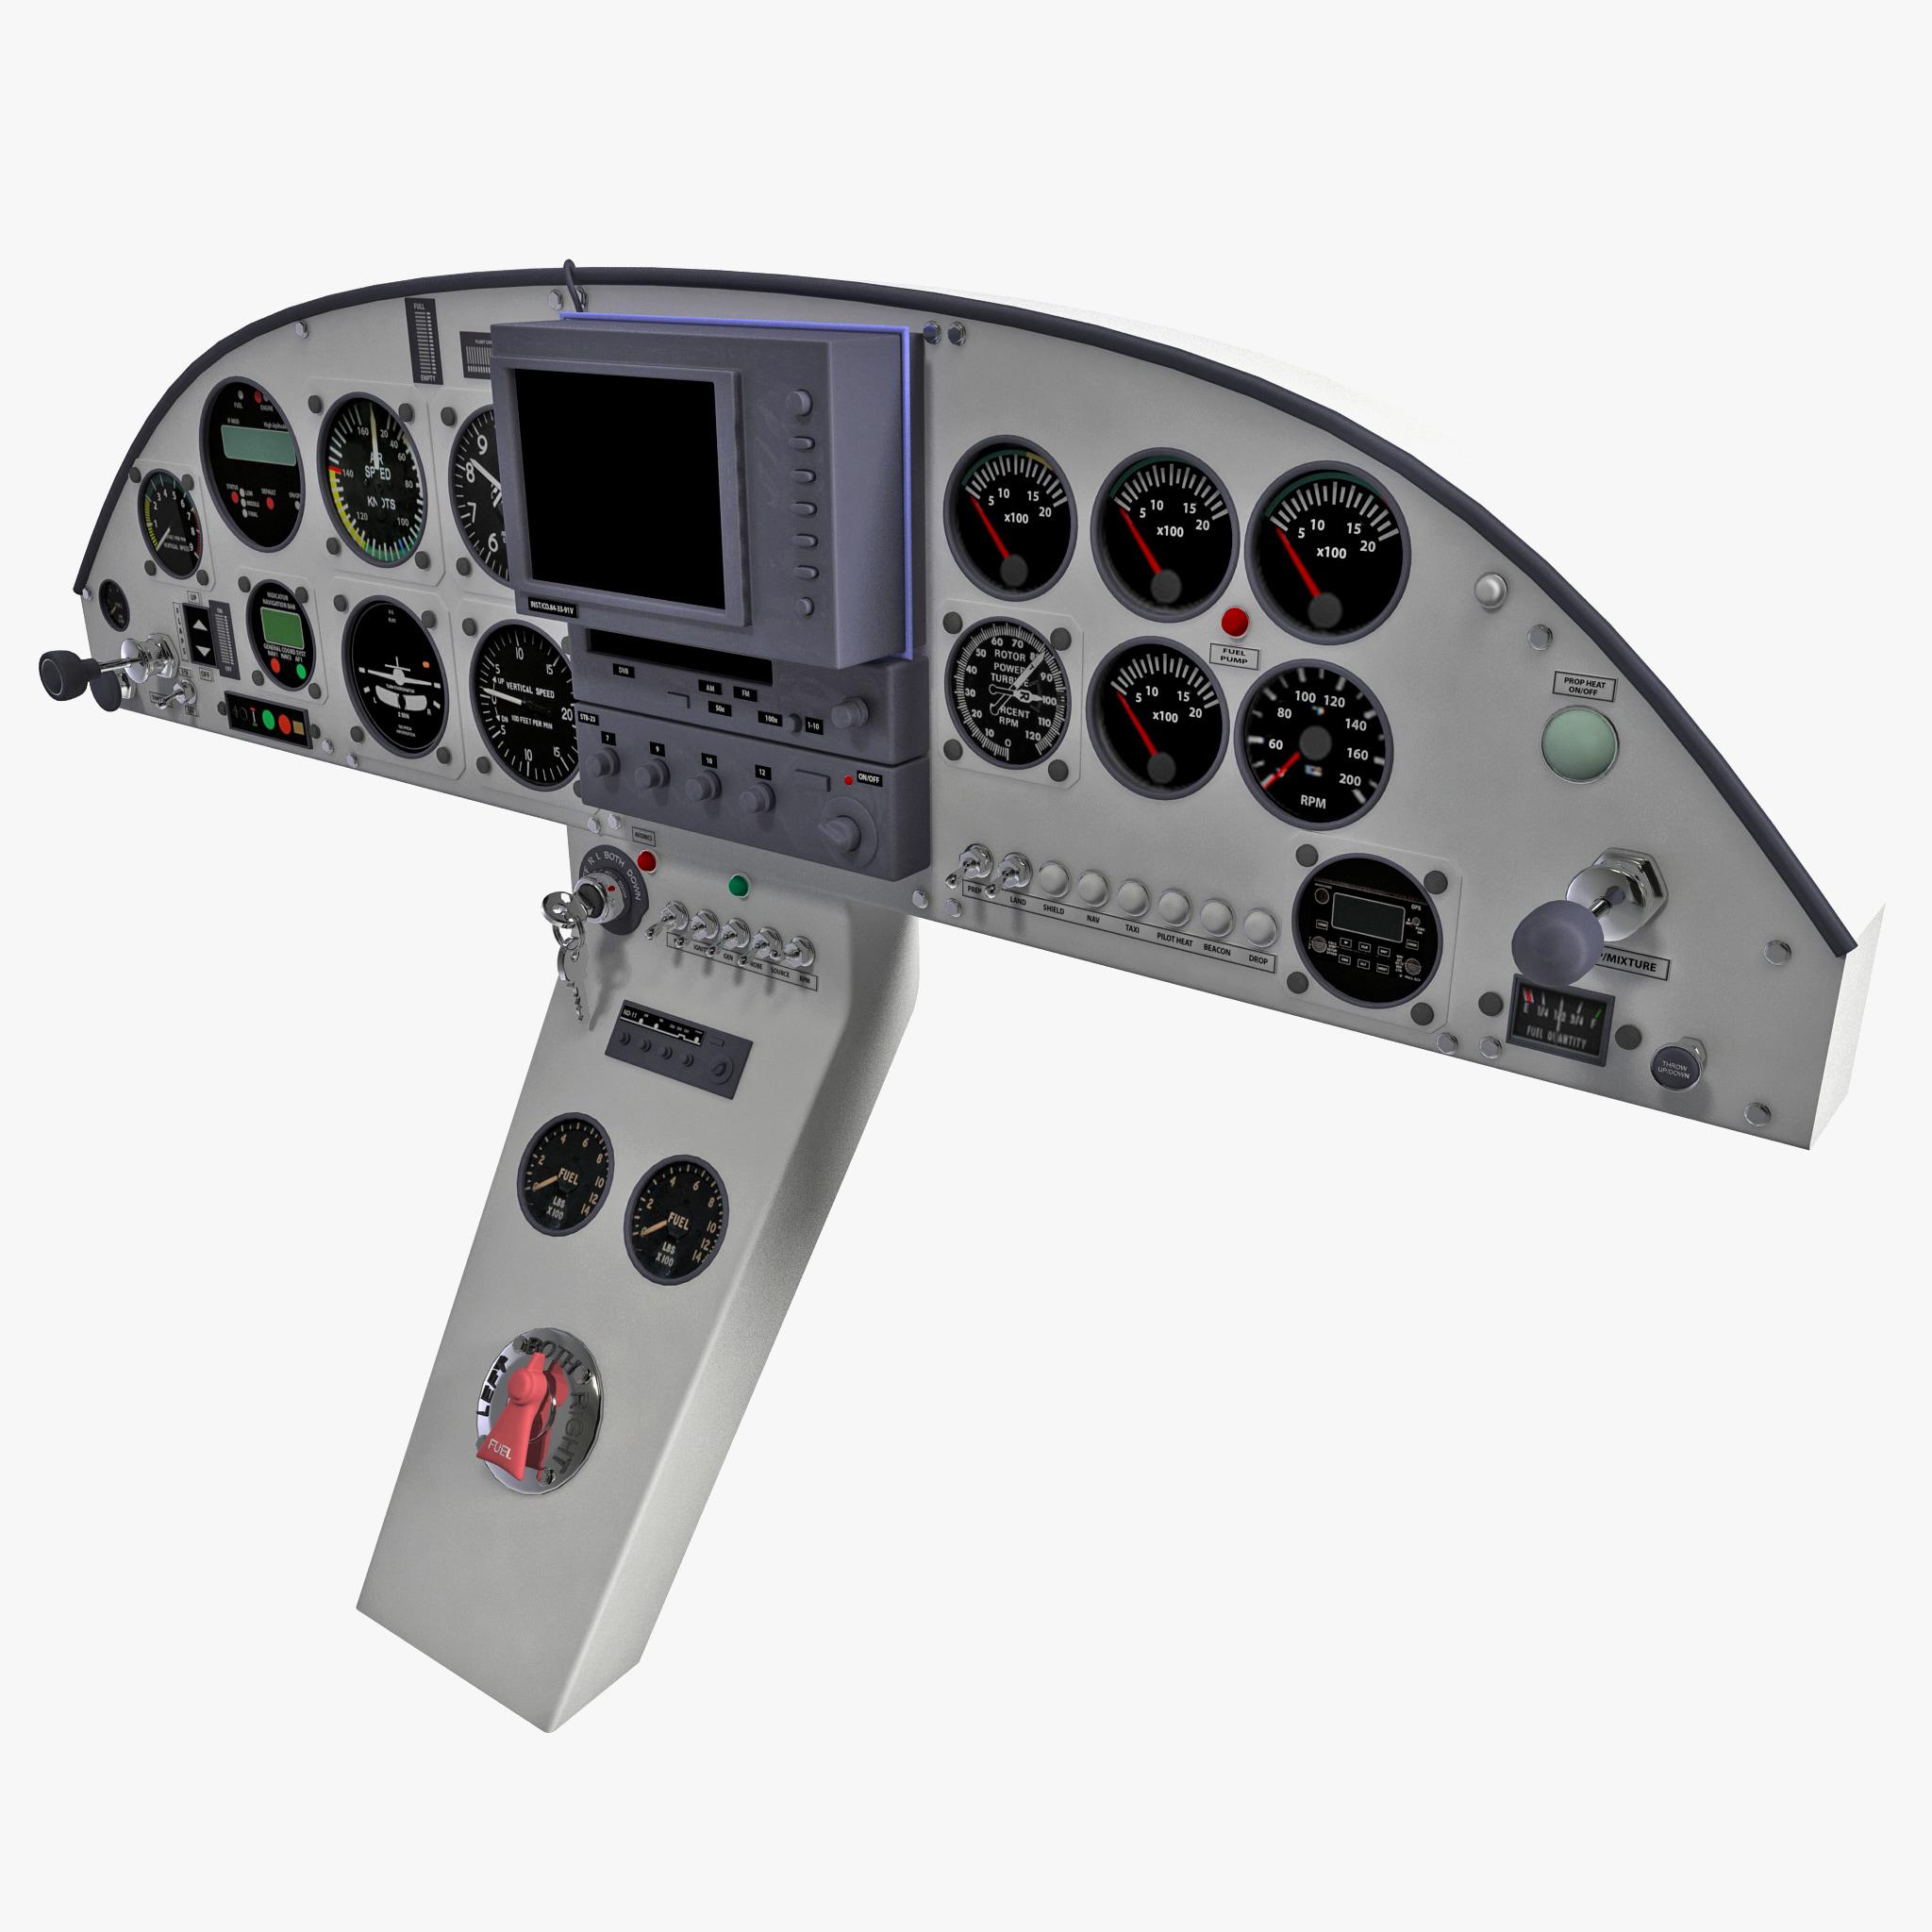 Aircraft Instrument Panel : Aircraft instrument panel d model